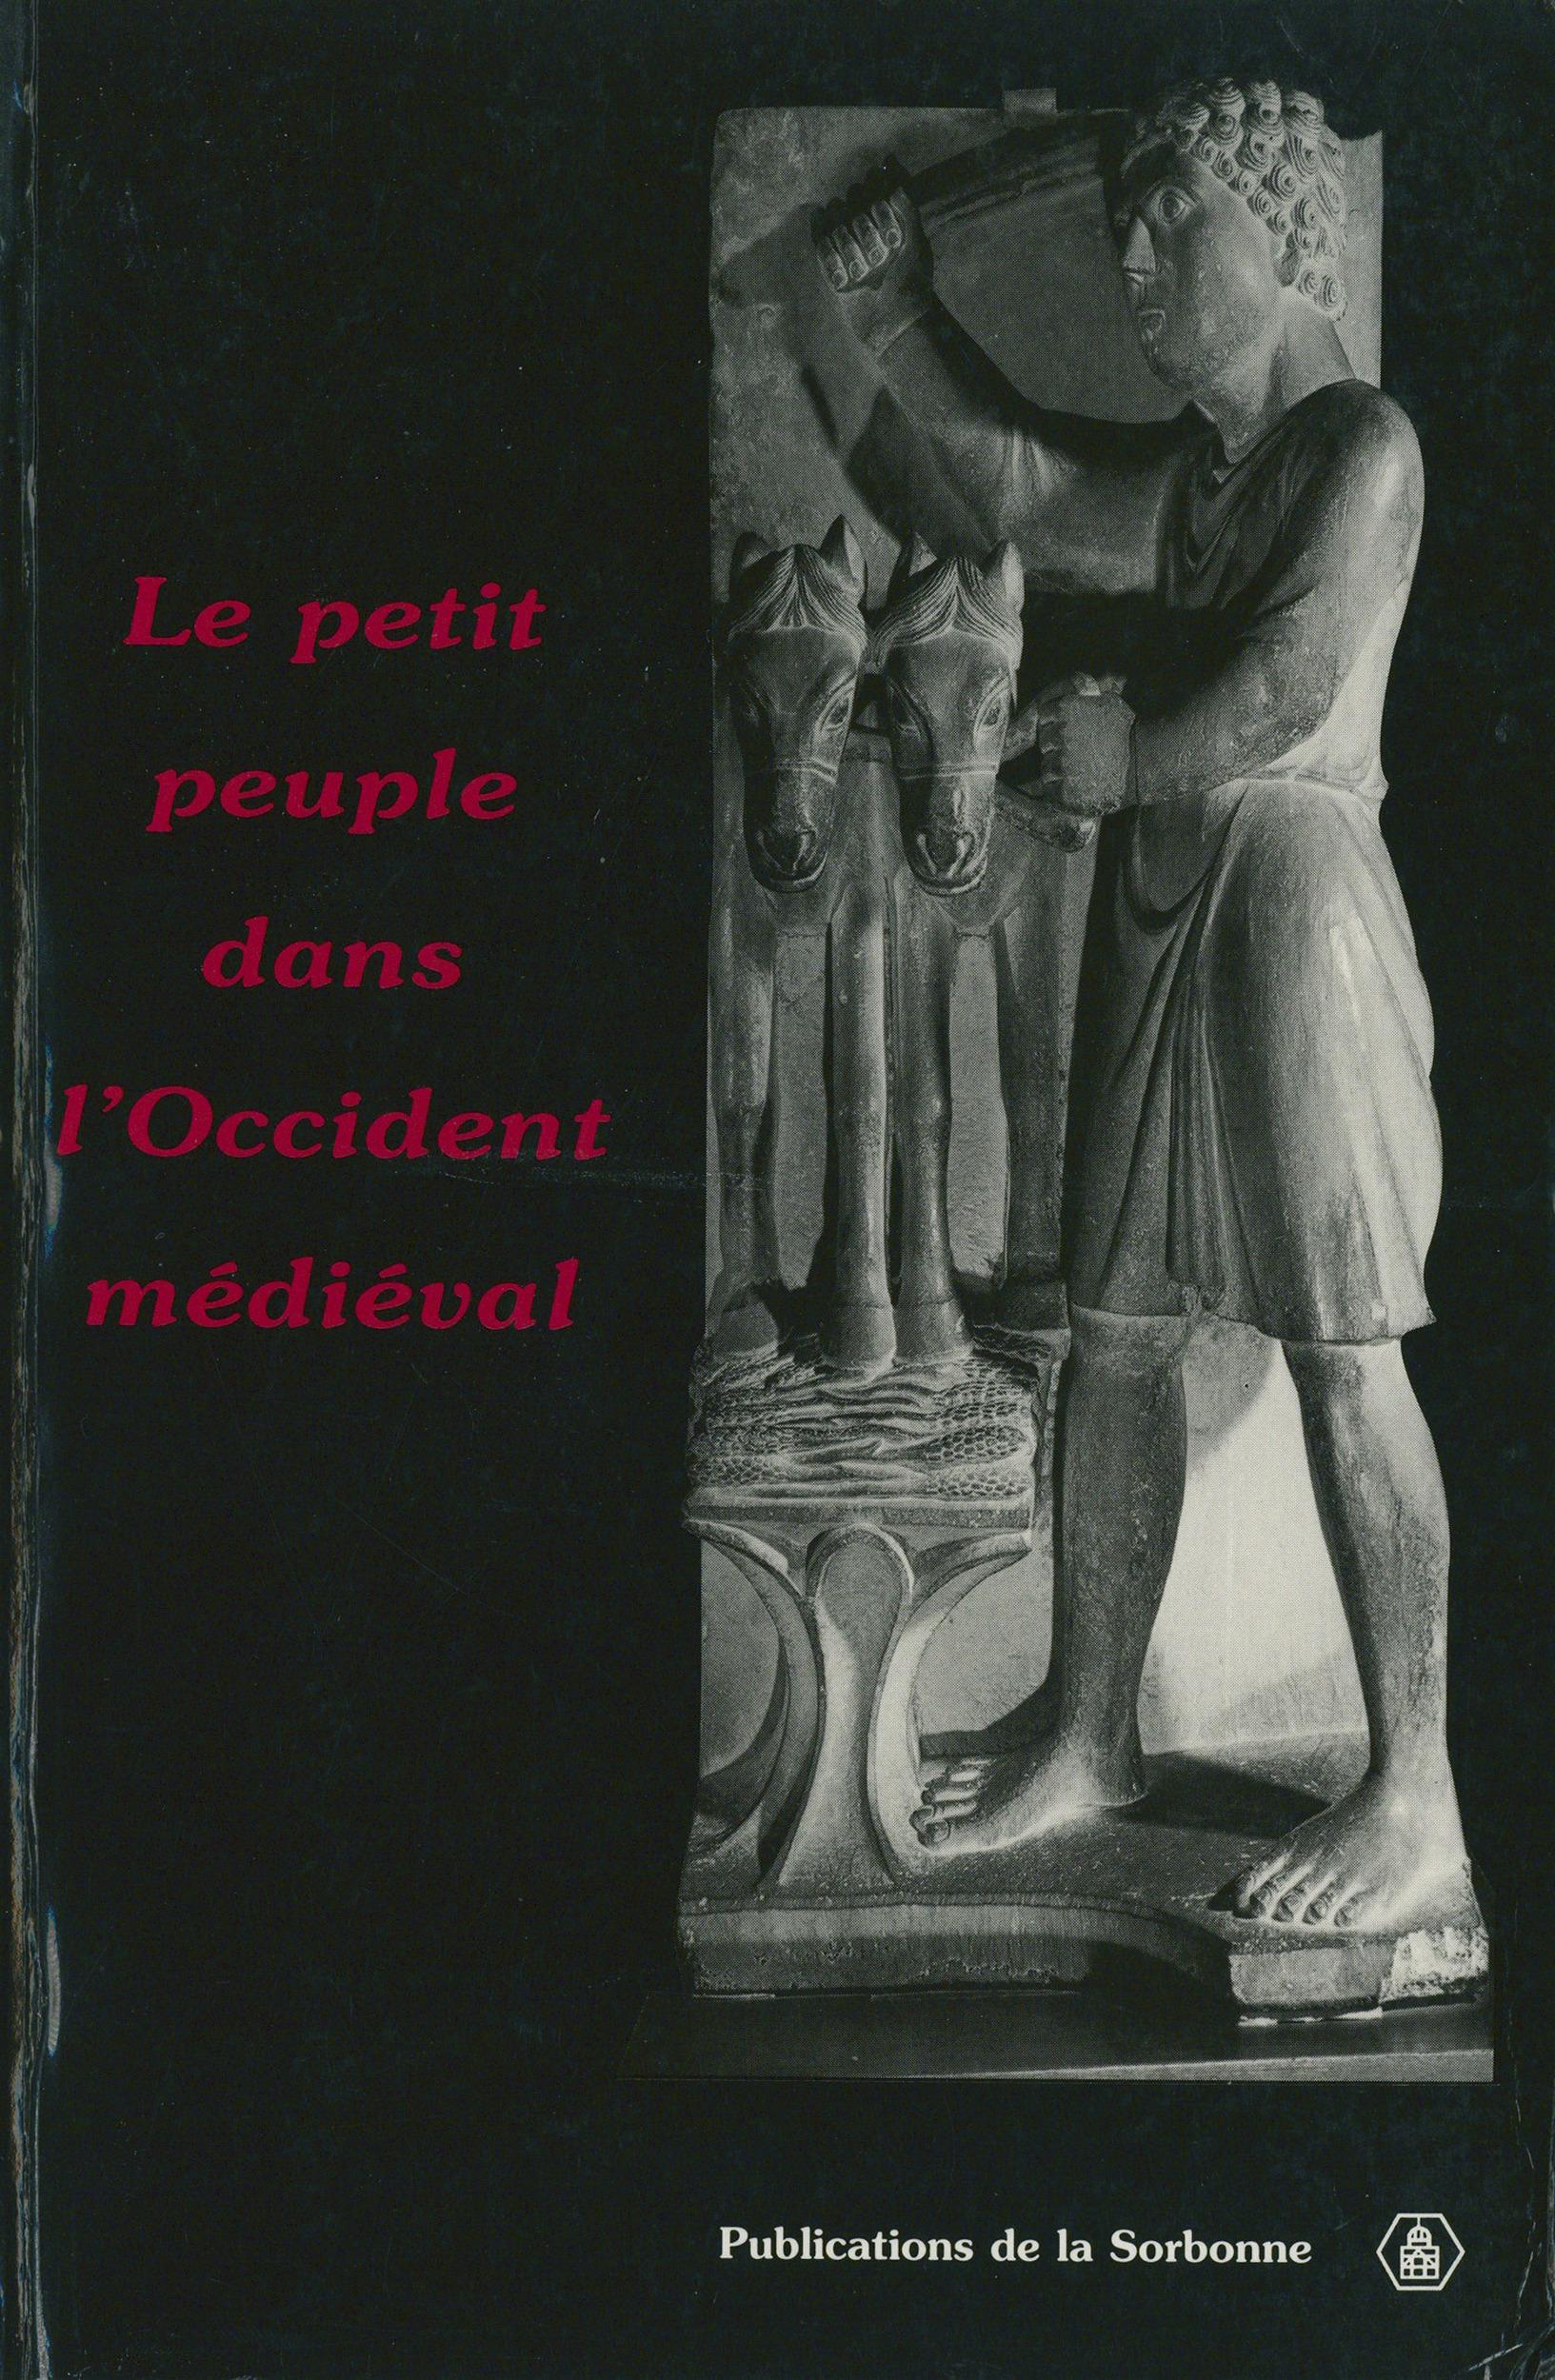 Le petit peuple dans l'occident medieval